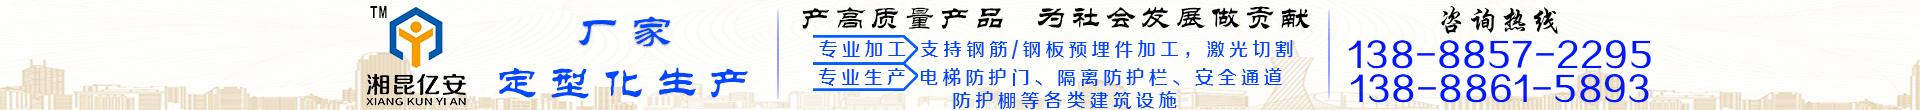 昆明湘昆亿安商贸有限公司